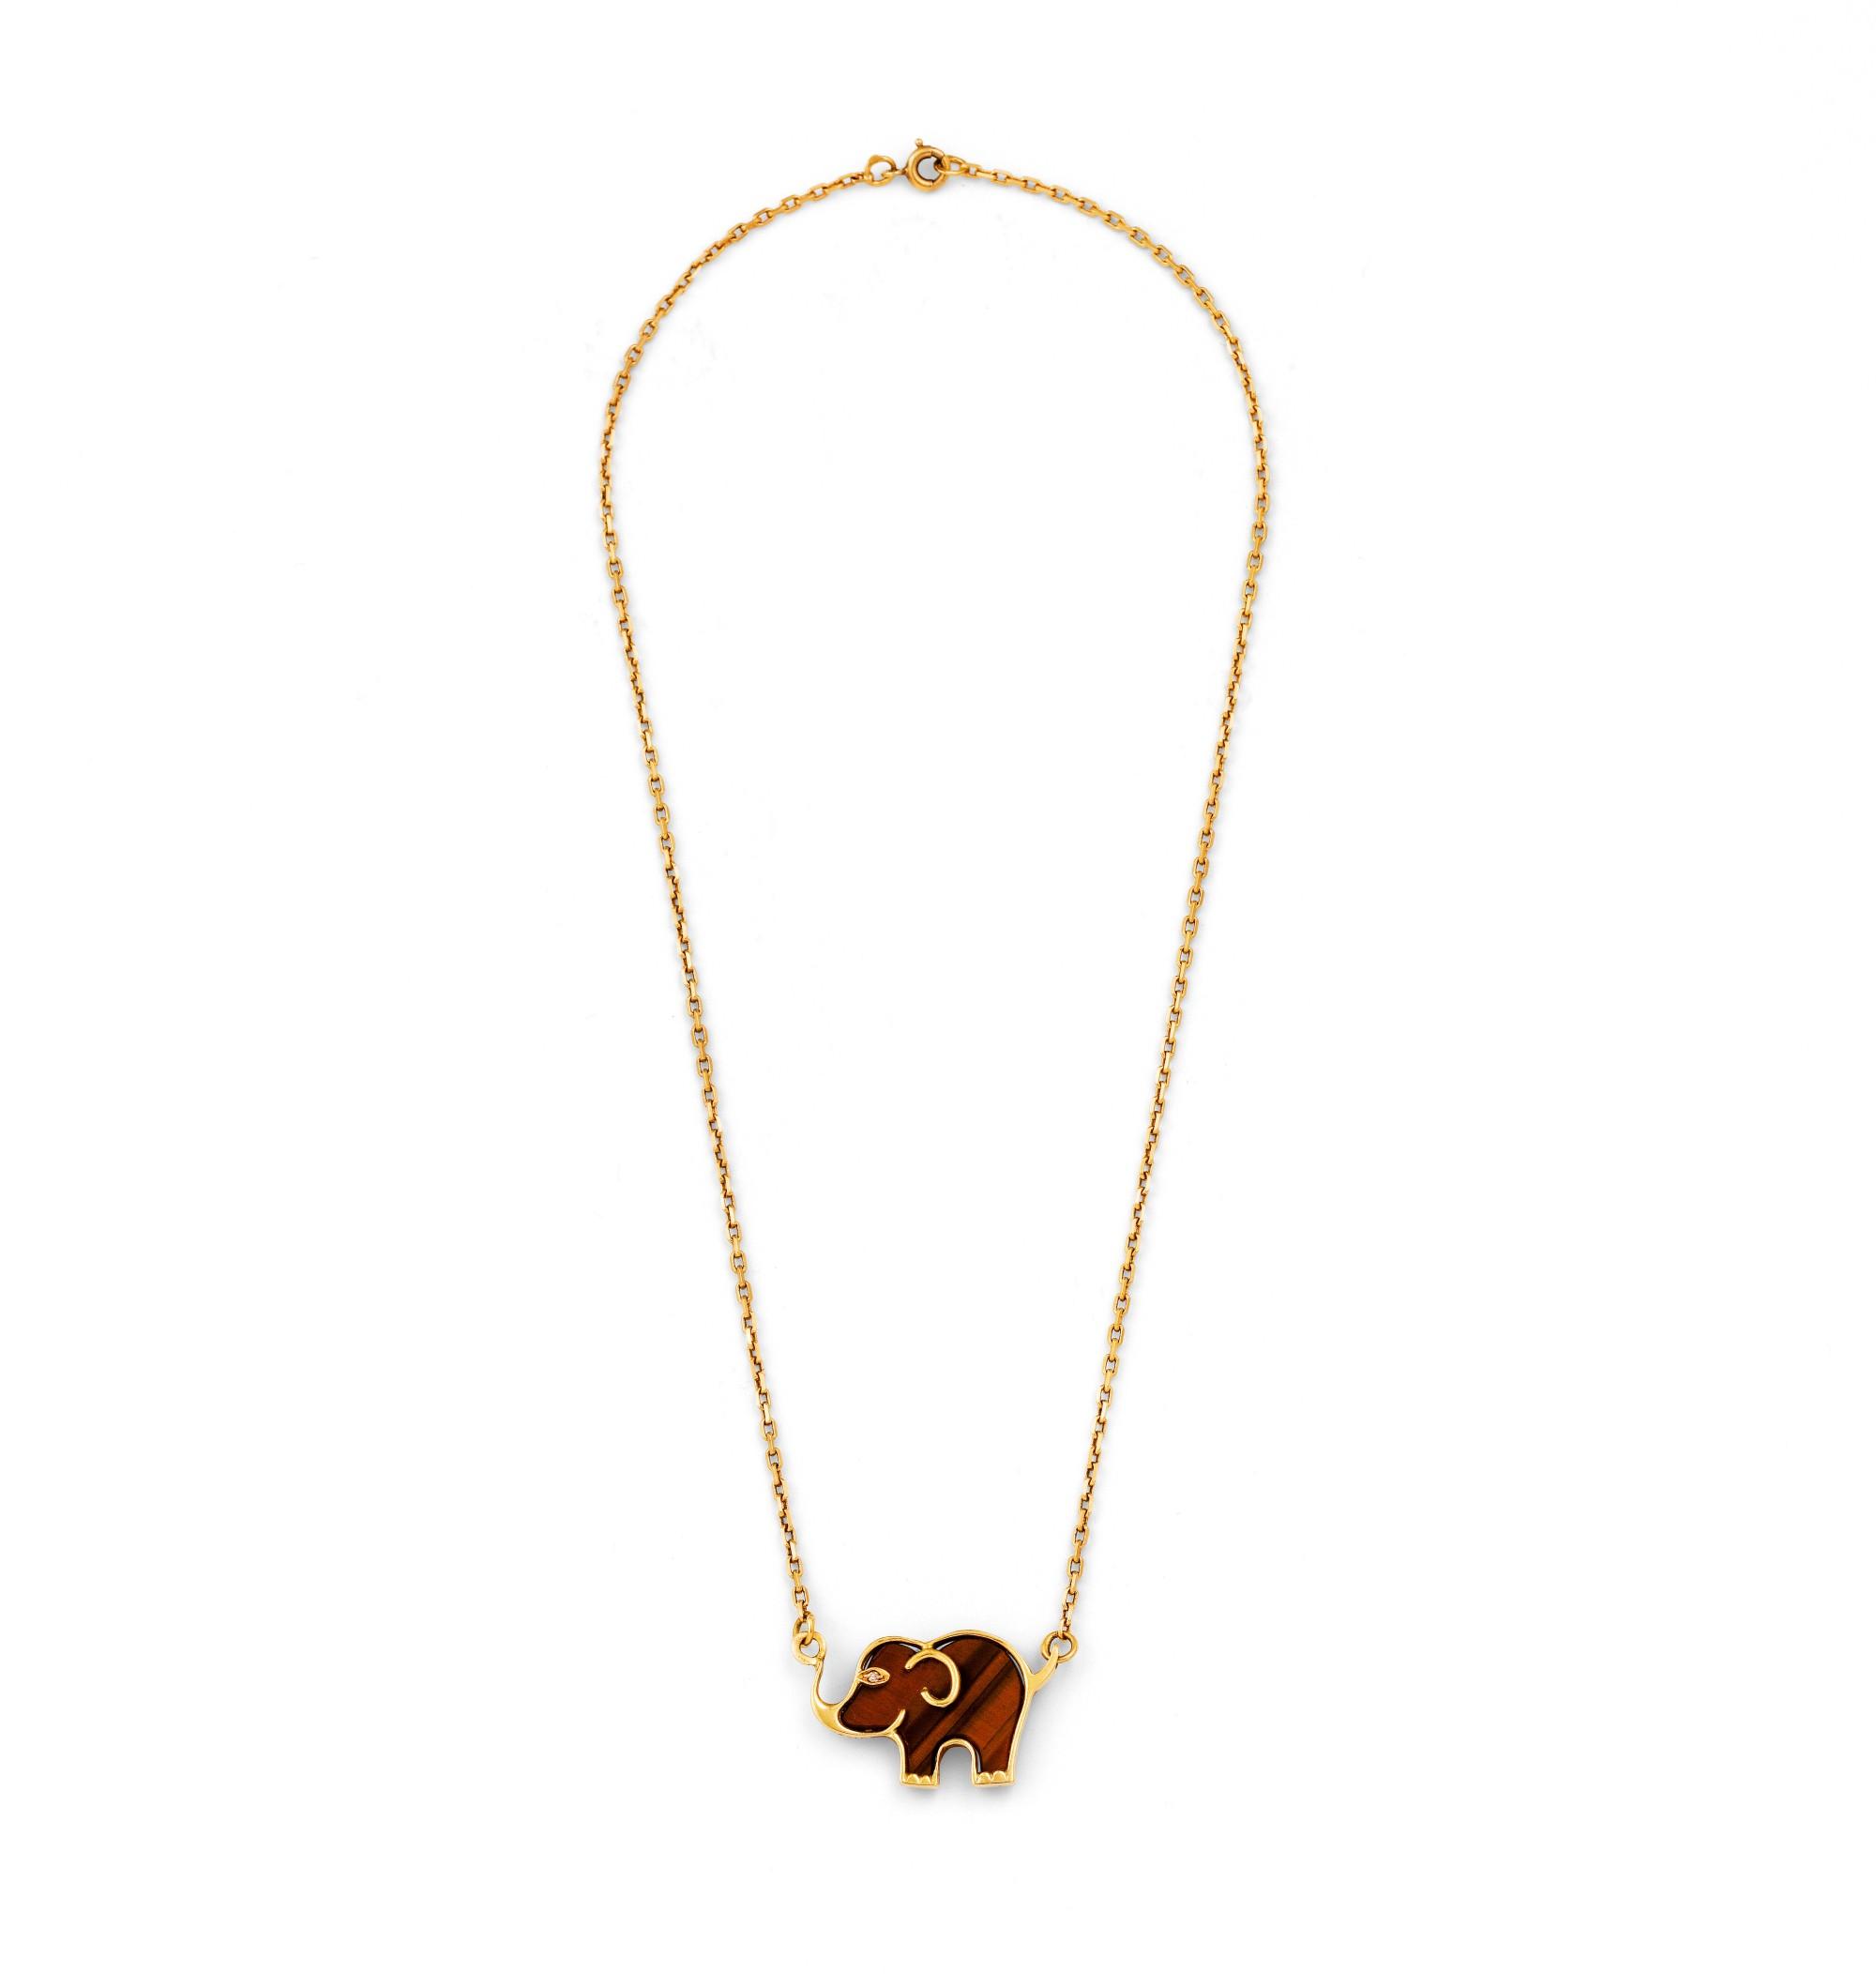 Cartier, Tiger eye quartz and diamond necklace [Collier oeil de tigre et diamant]